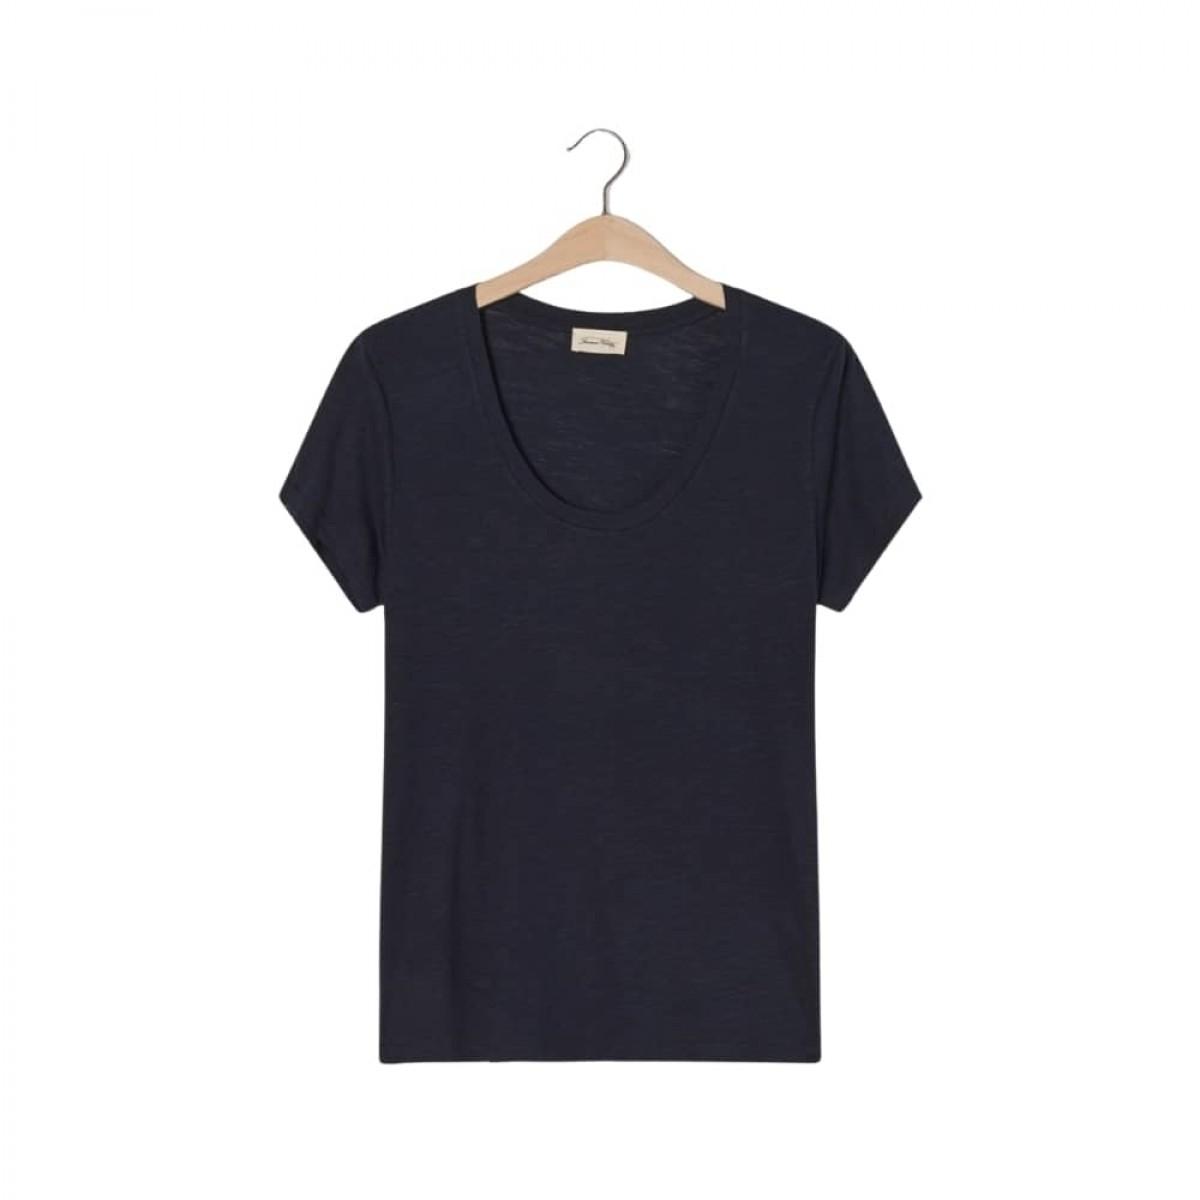 jacksonville t-shirt - navy